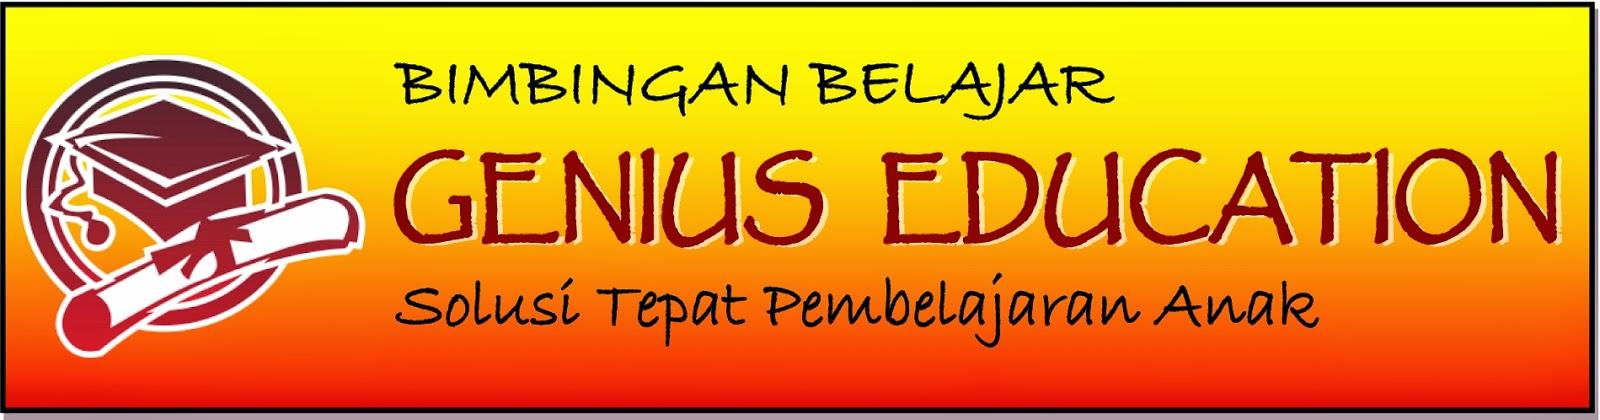 Lowongan Kerja Tentor SMP & Tentor SMA di Bimbel Genius Education – Kendal